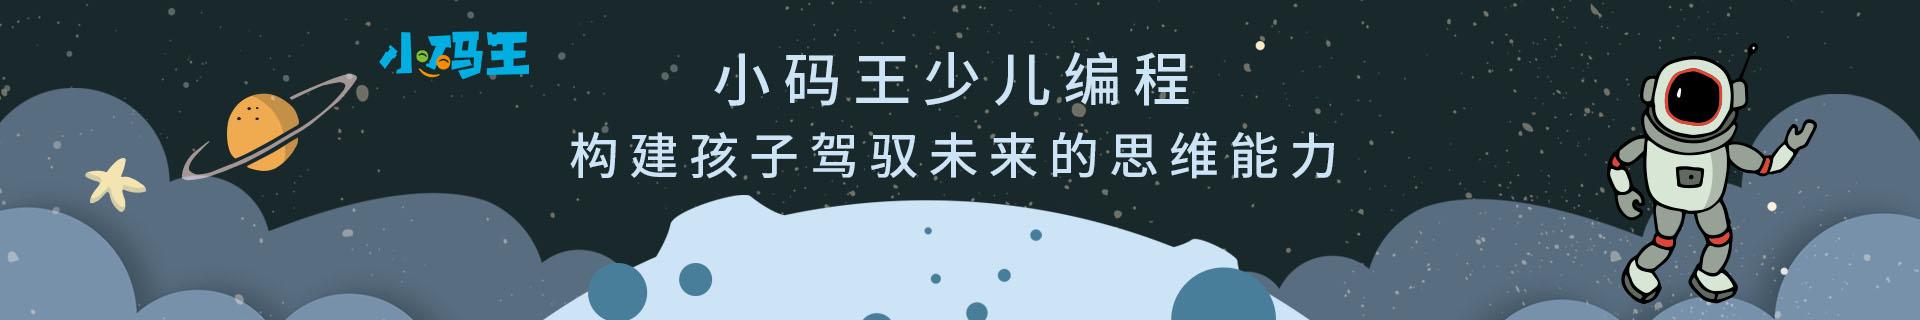 深圳龙光世纪小码王少儿编程培训机构